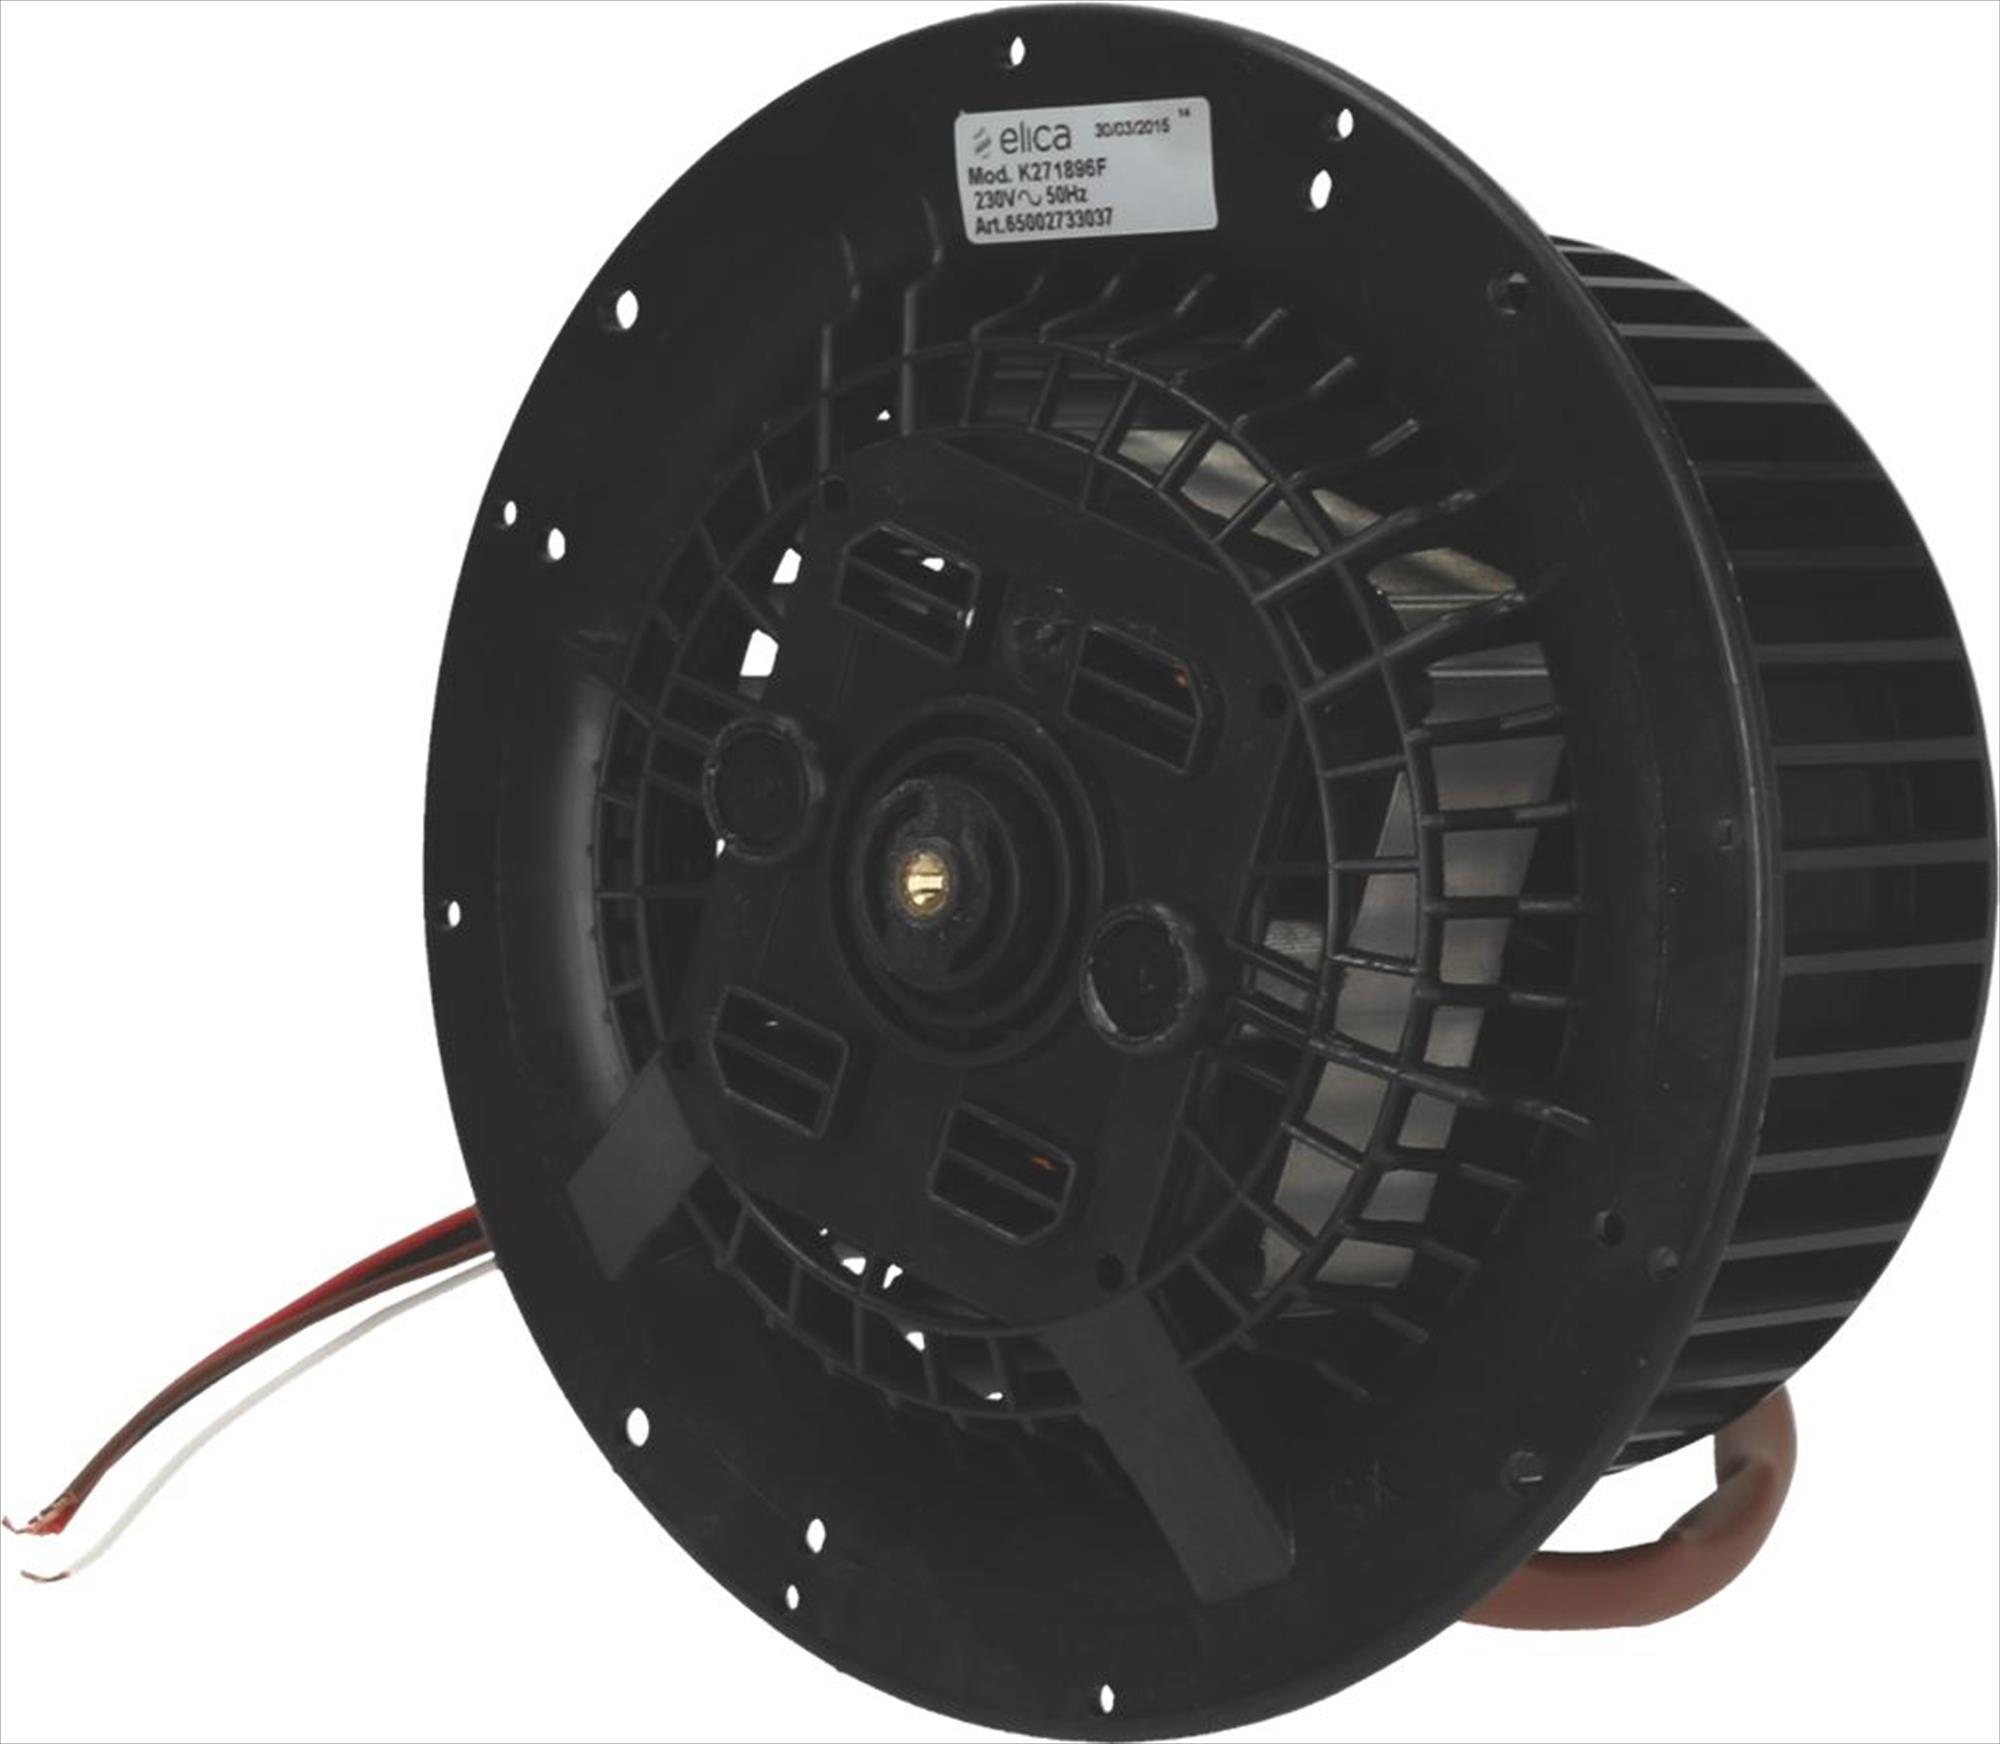 elica motor voor dampkap 65002733017. Black Bedroom Furniture Sets. Home Design Ideas